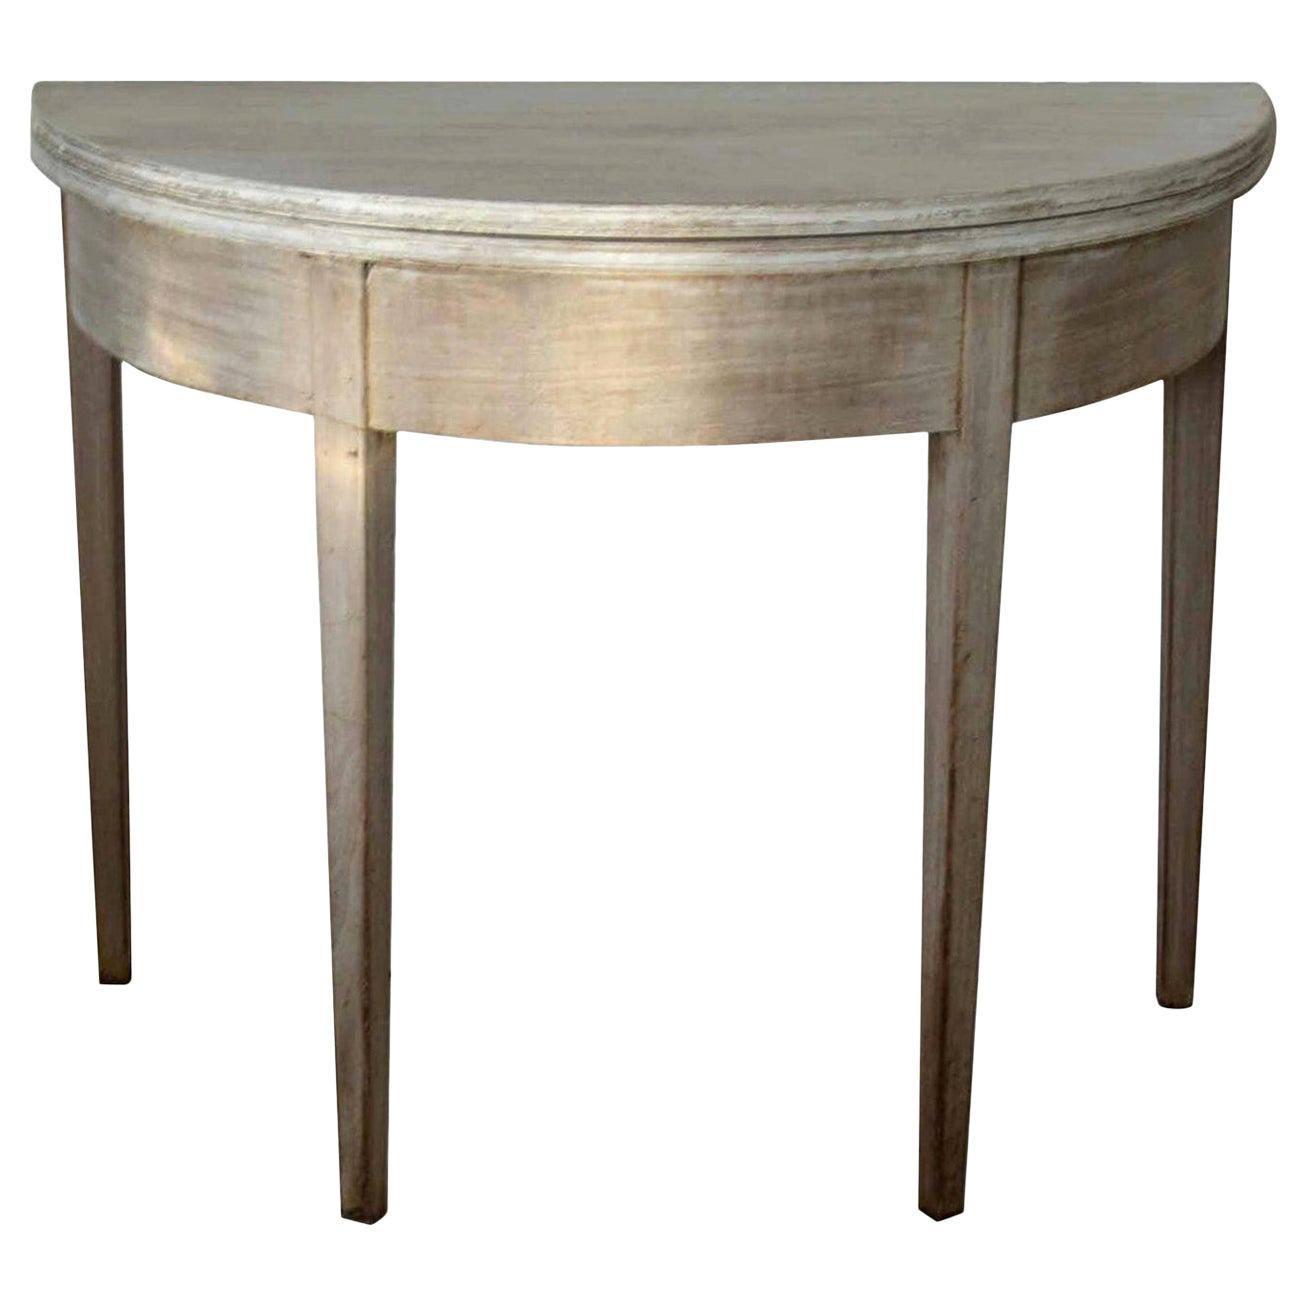 Small Antique Demi-Lune Side Table, circa 1800